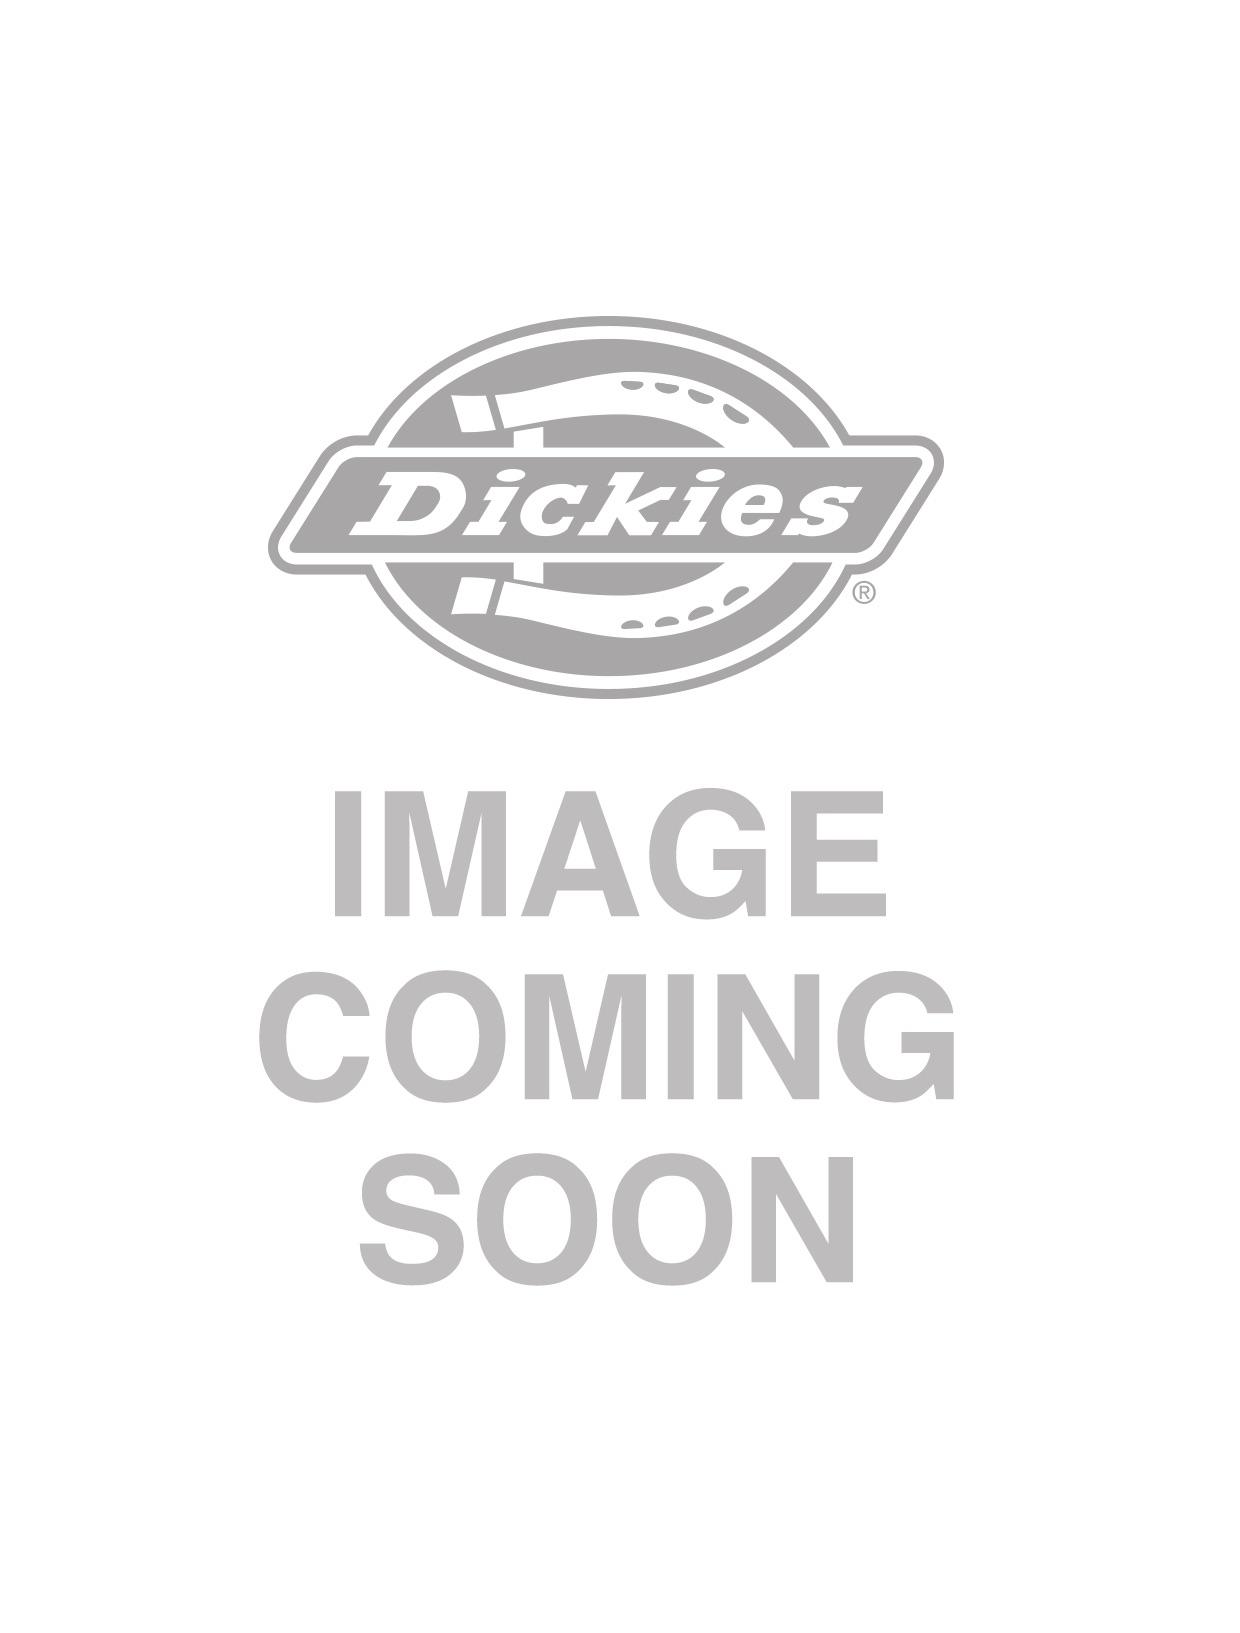 Dickies Womens Pittsburgh Sweatshirt